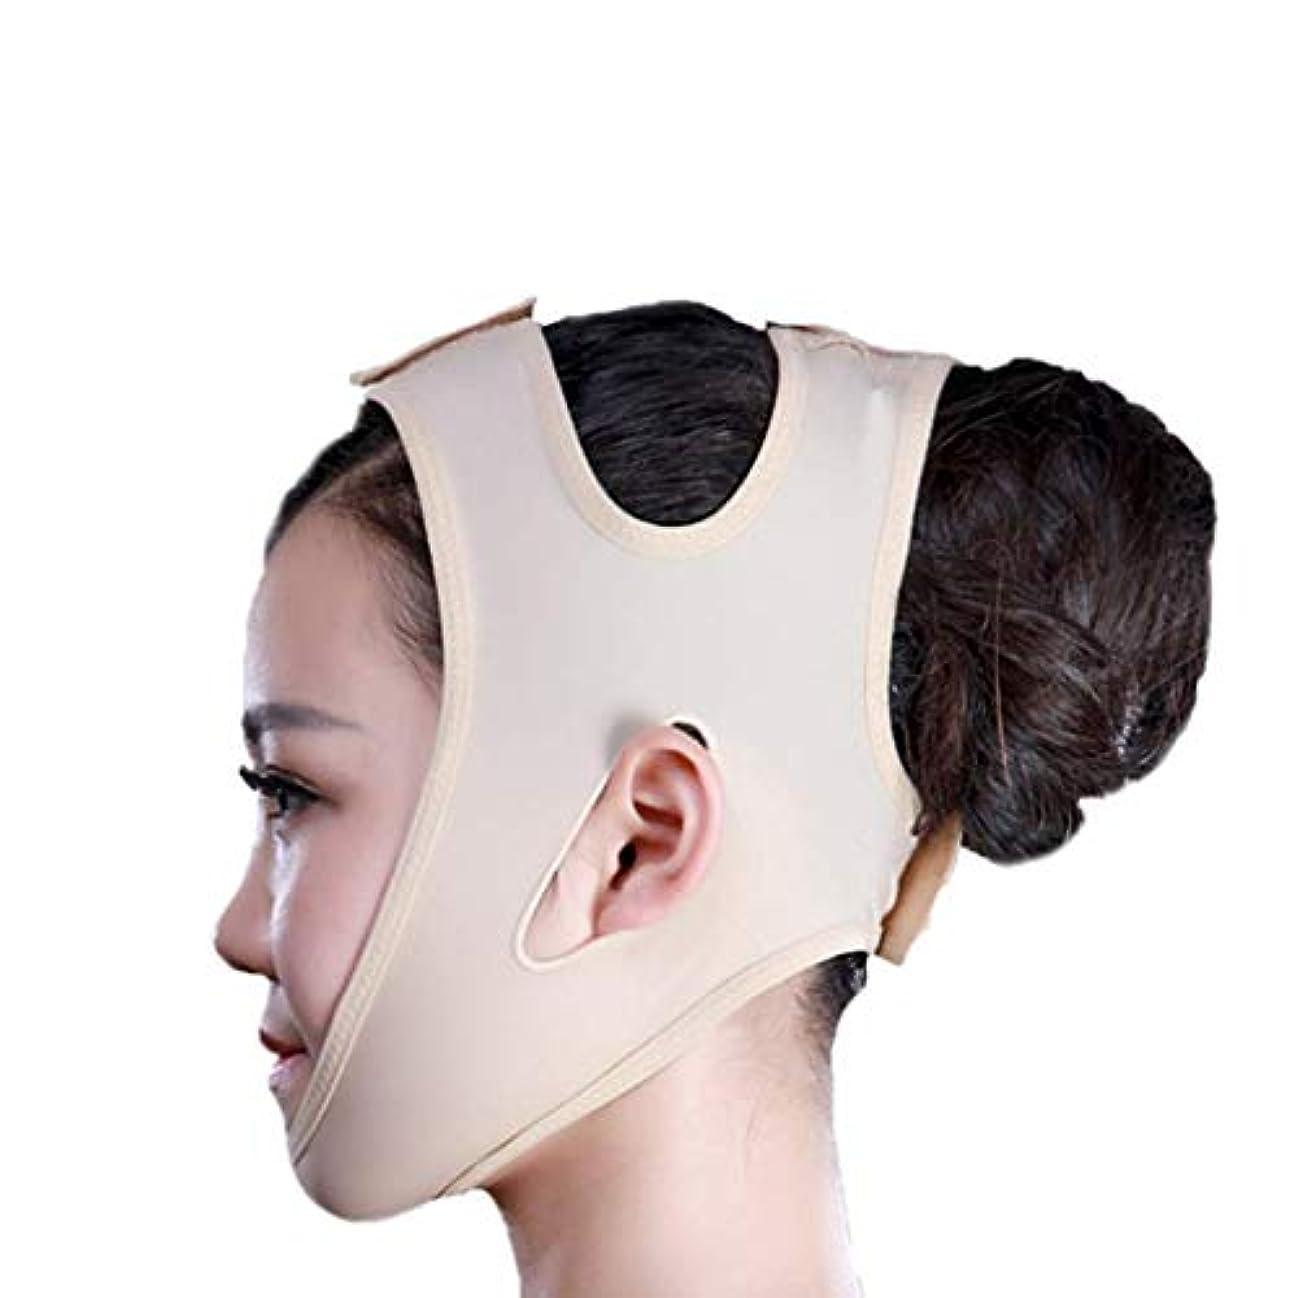 平日起きる。フェイススリミングマスク、快適さと通気性、フェイシャルリフティング、輪郭の改善された硬さ、ファーミングとリフティングフェイス(カラー:ブラック、サイズ:XL),黄色がかったピンク、XL